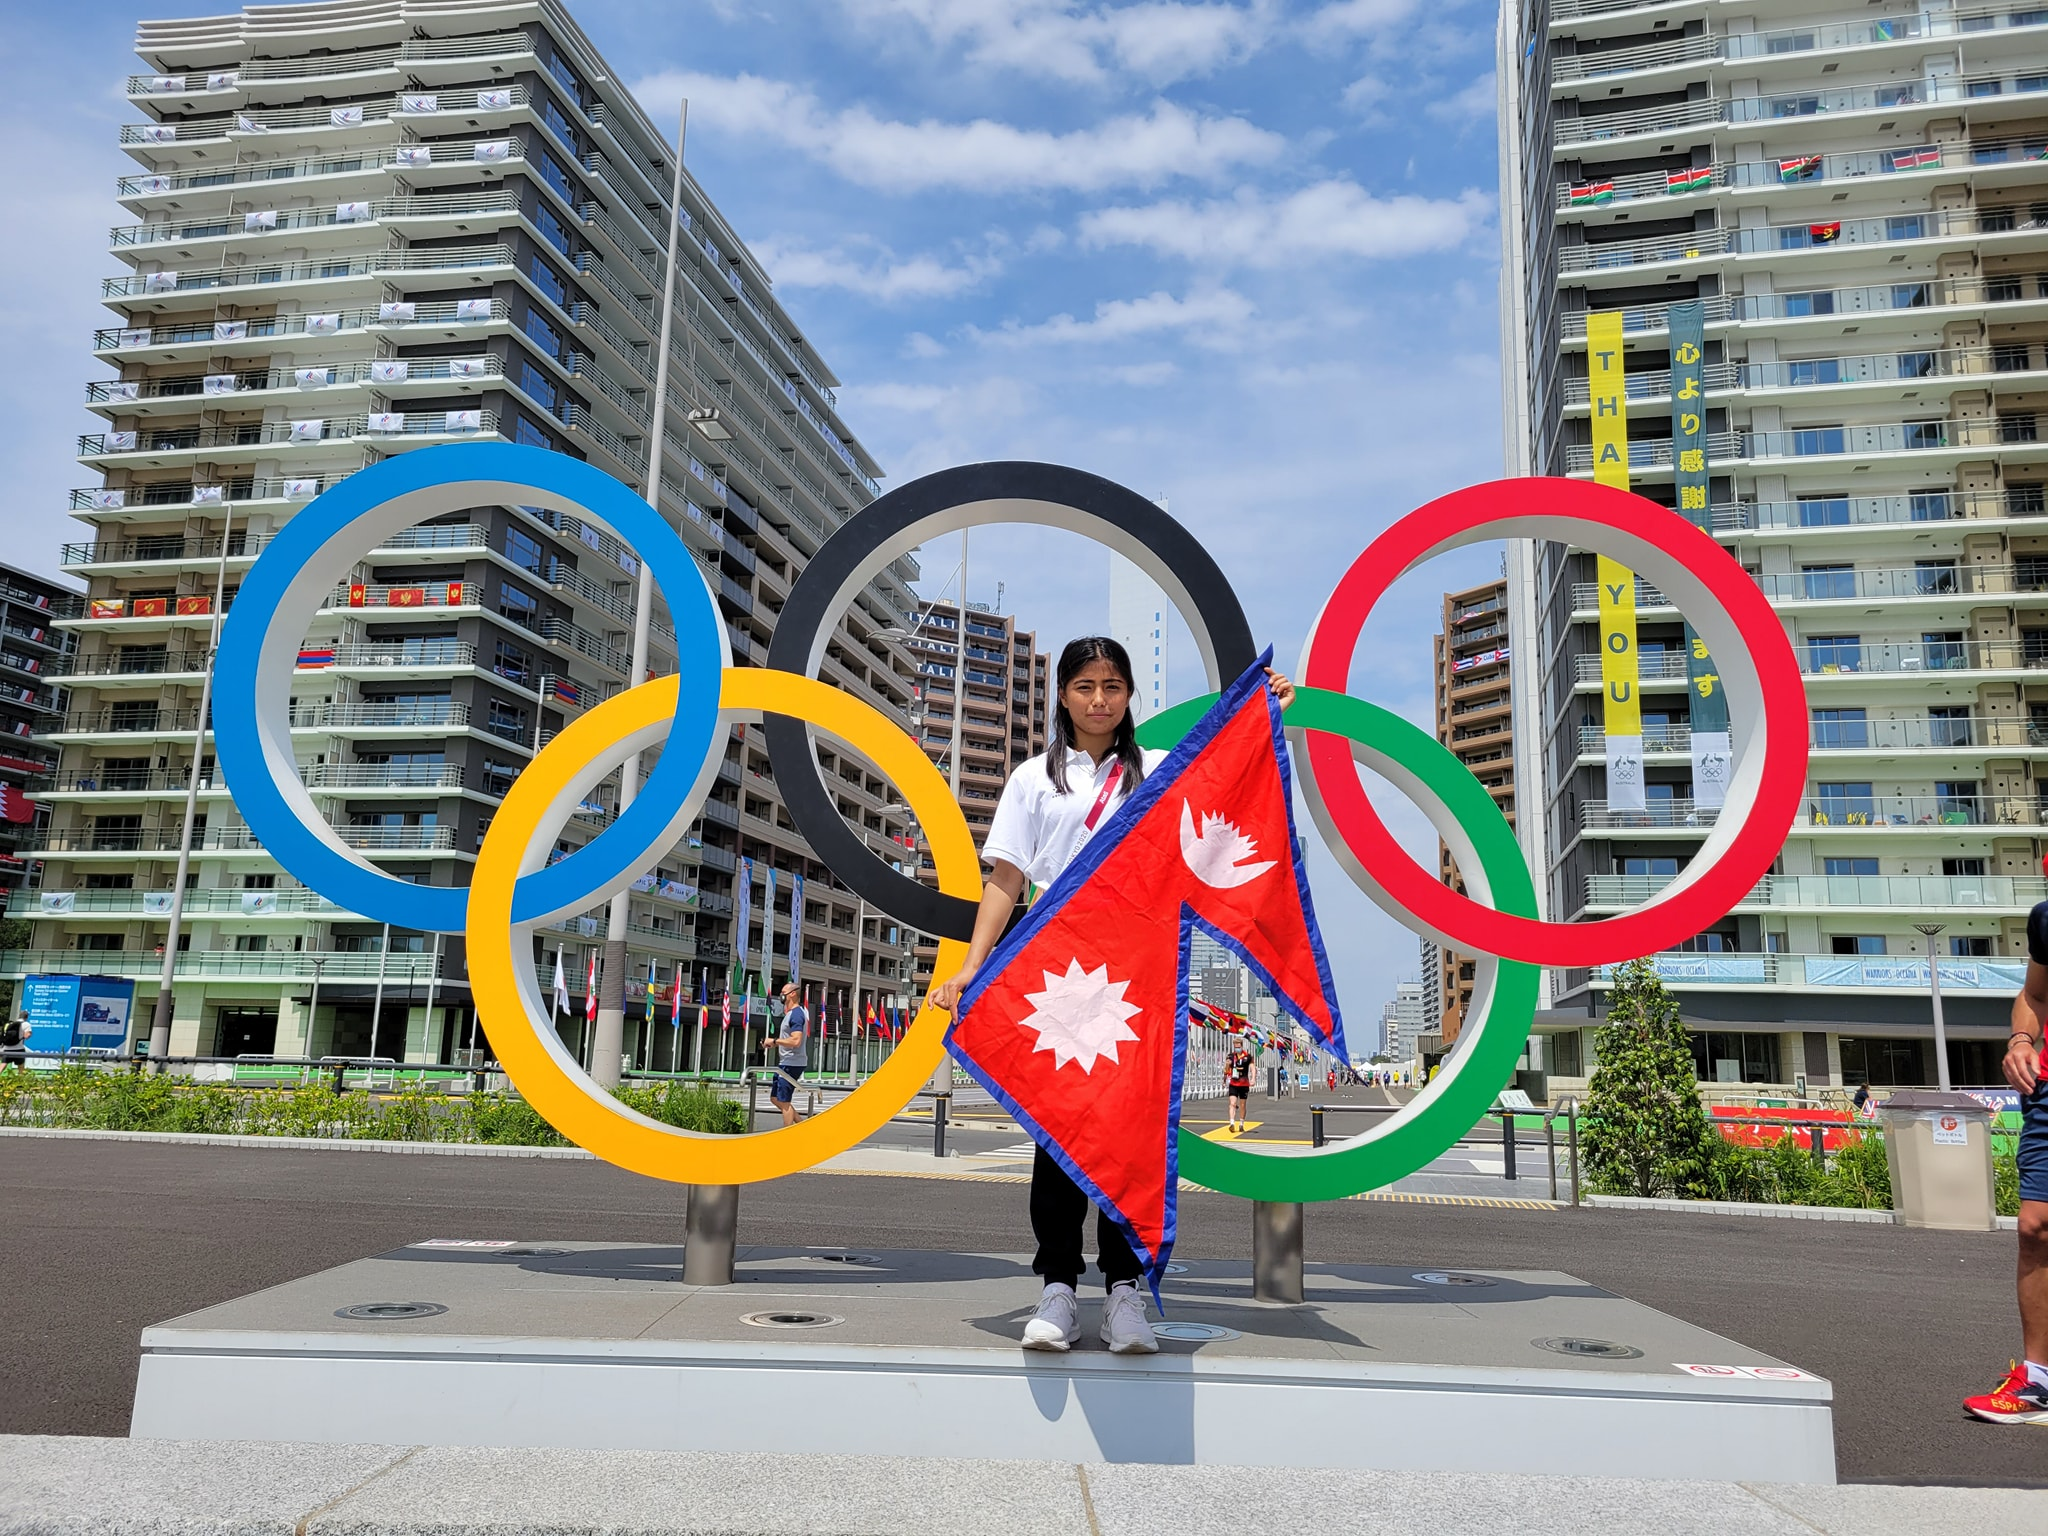 सरस्वती चौधरी प्रारम्भिक चरणबाटै बाहिरिएपछि नेपालको ओलम्पिक यात्रा समाप्त